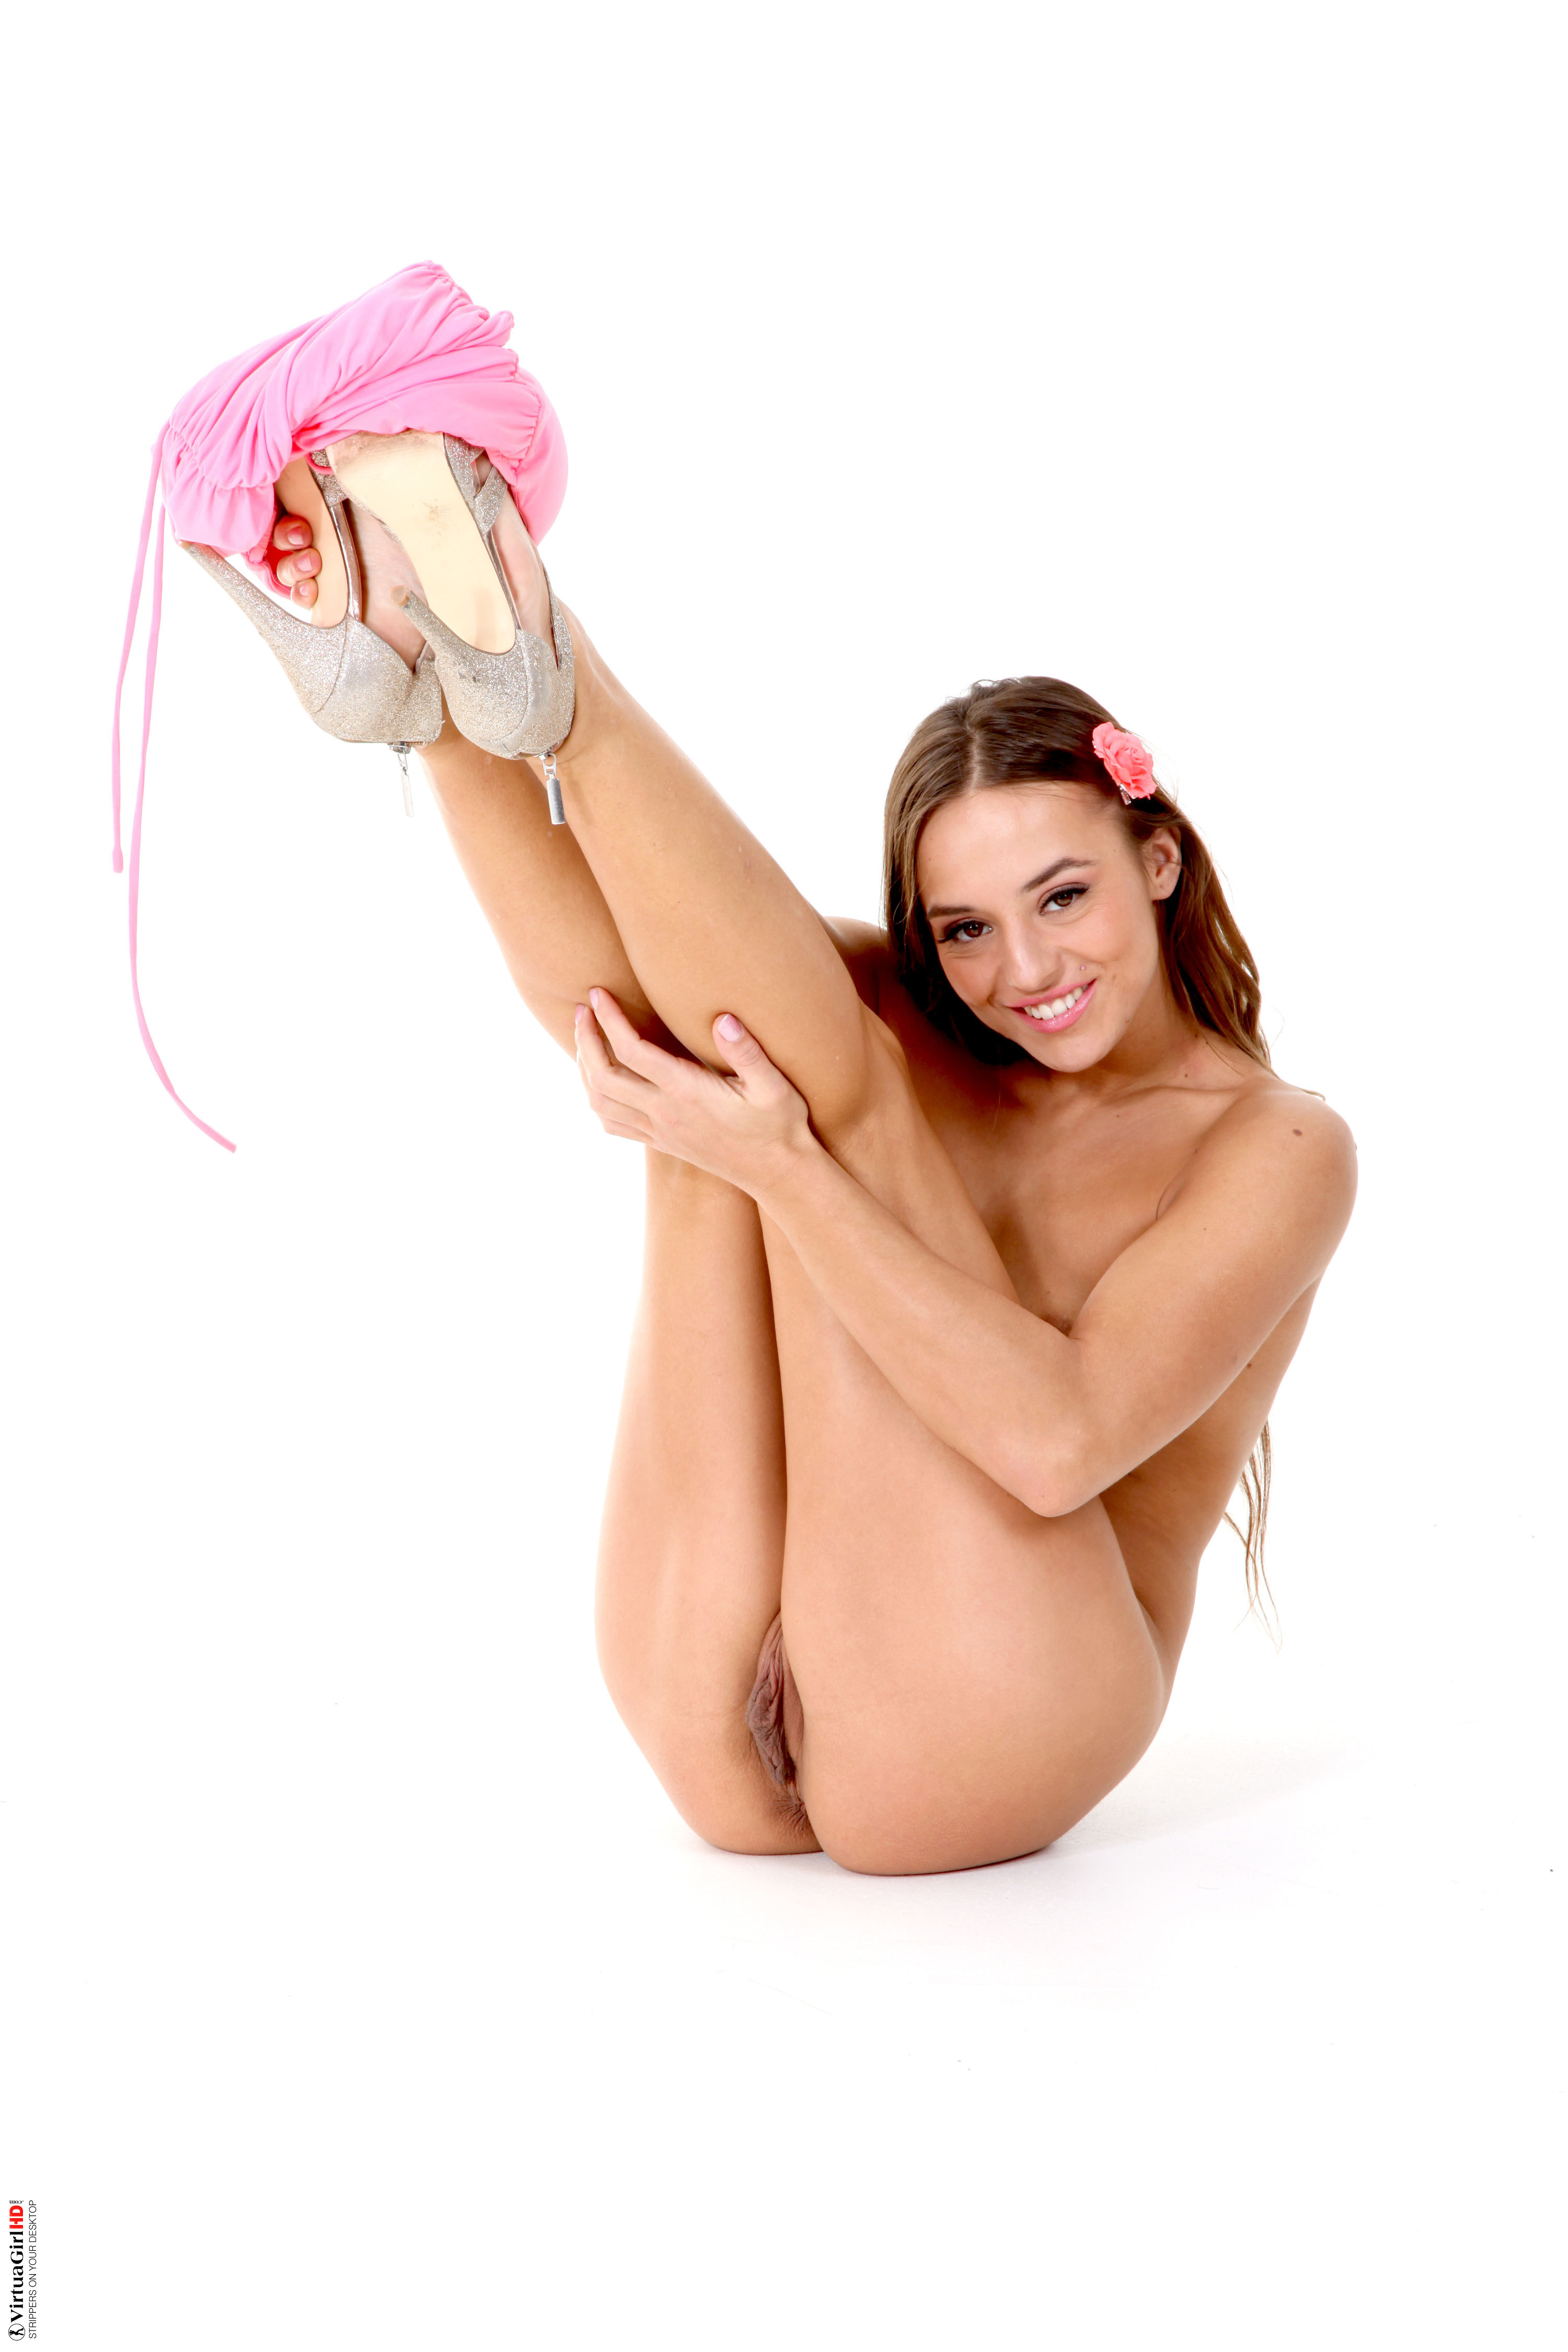 hot stripping girls